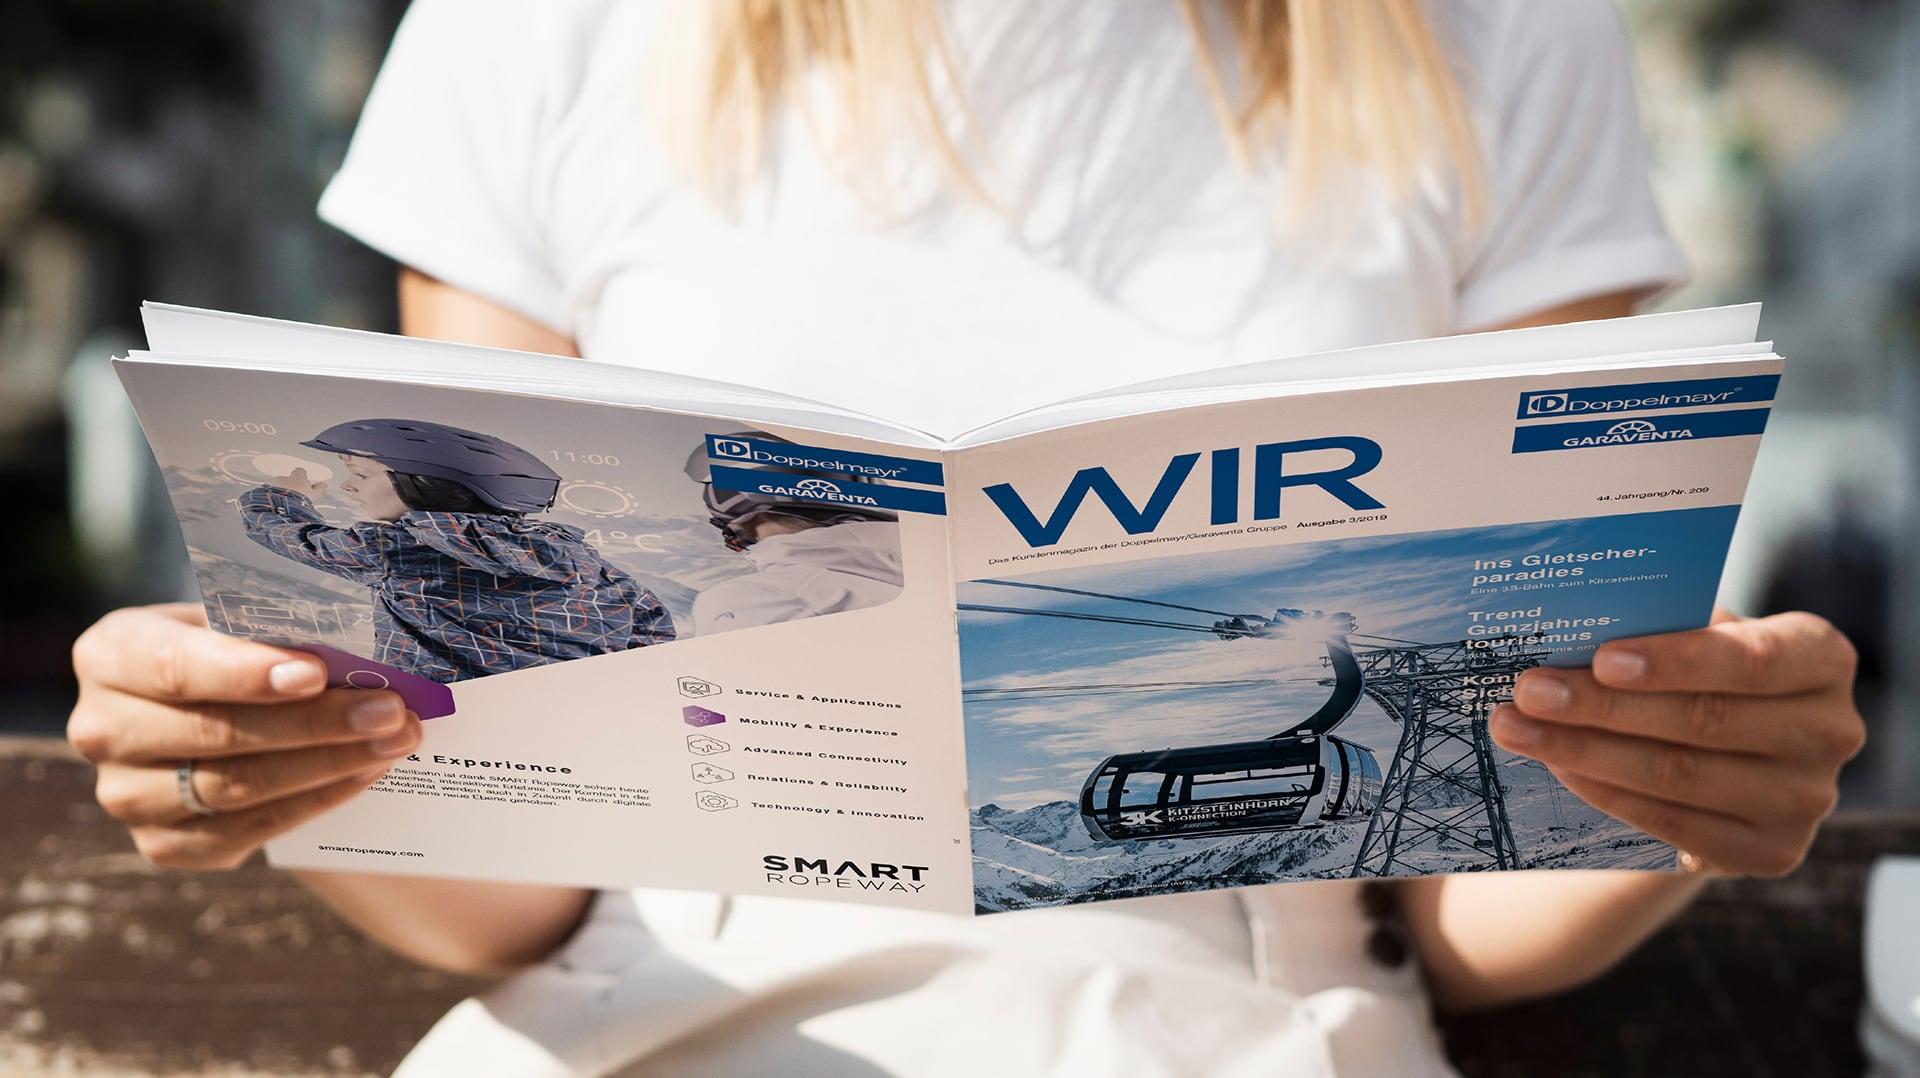 Frau hält Magazin WIR - Cover